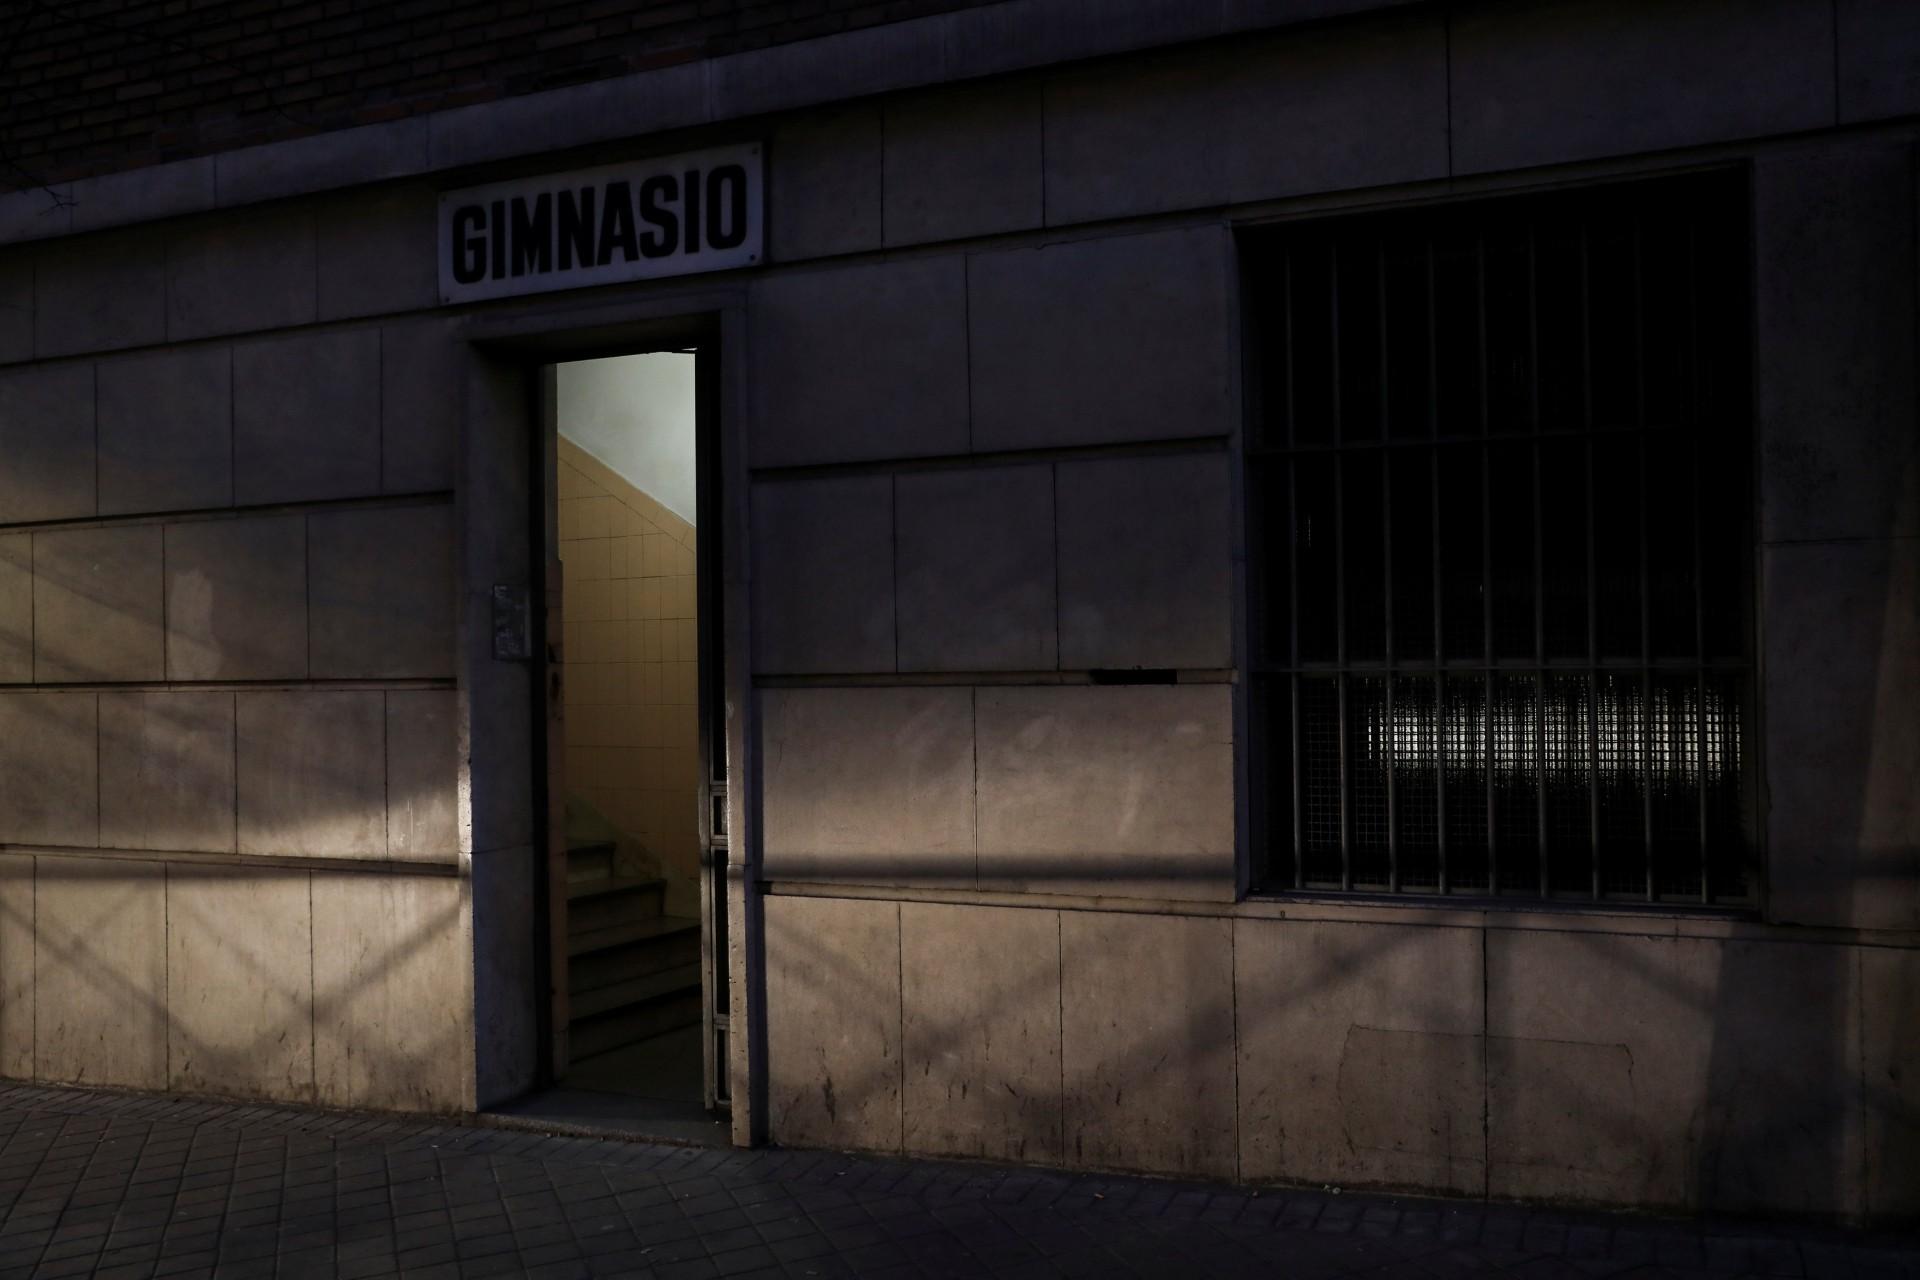 """Los faros de un automóvil que pasa en Madrid, España, el 14 de febrero de 2019, iluminan la entrada al gimnasio del colegio donde Fernando García-Salmones, de 58 años, dice que fue violado por un sacerdote hace casi 44 años. En una tarde lluviosa en 1975, García-Salmones estaba solo en el patio de recreo de su escuela cuando lo llamaron a la habitación de su abusador para que se secara. """"Se dio cuenta de que era vulnerable e indefenso, un pequeño ratón solitario"""", dijo. Cuando García-Salmones decidió llevar el caso a los tribunales en 1995, ya había ejecutado su estatuto de limitaciones."""